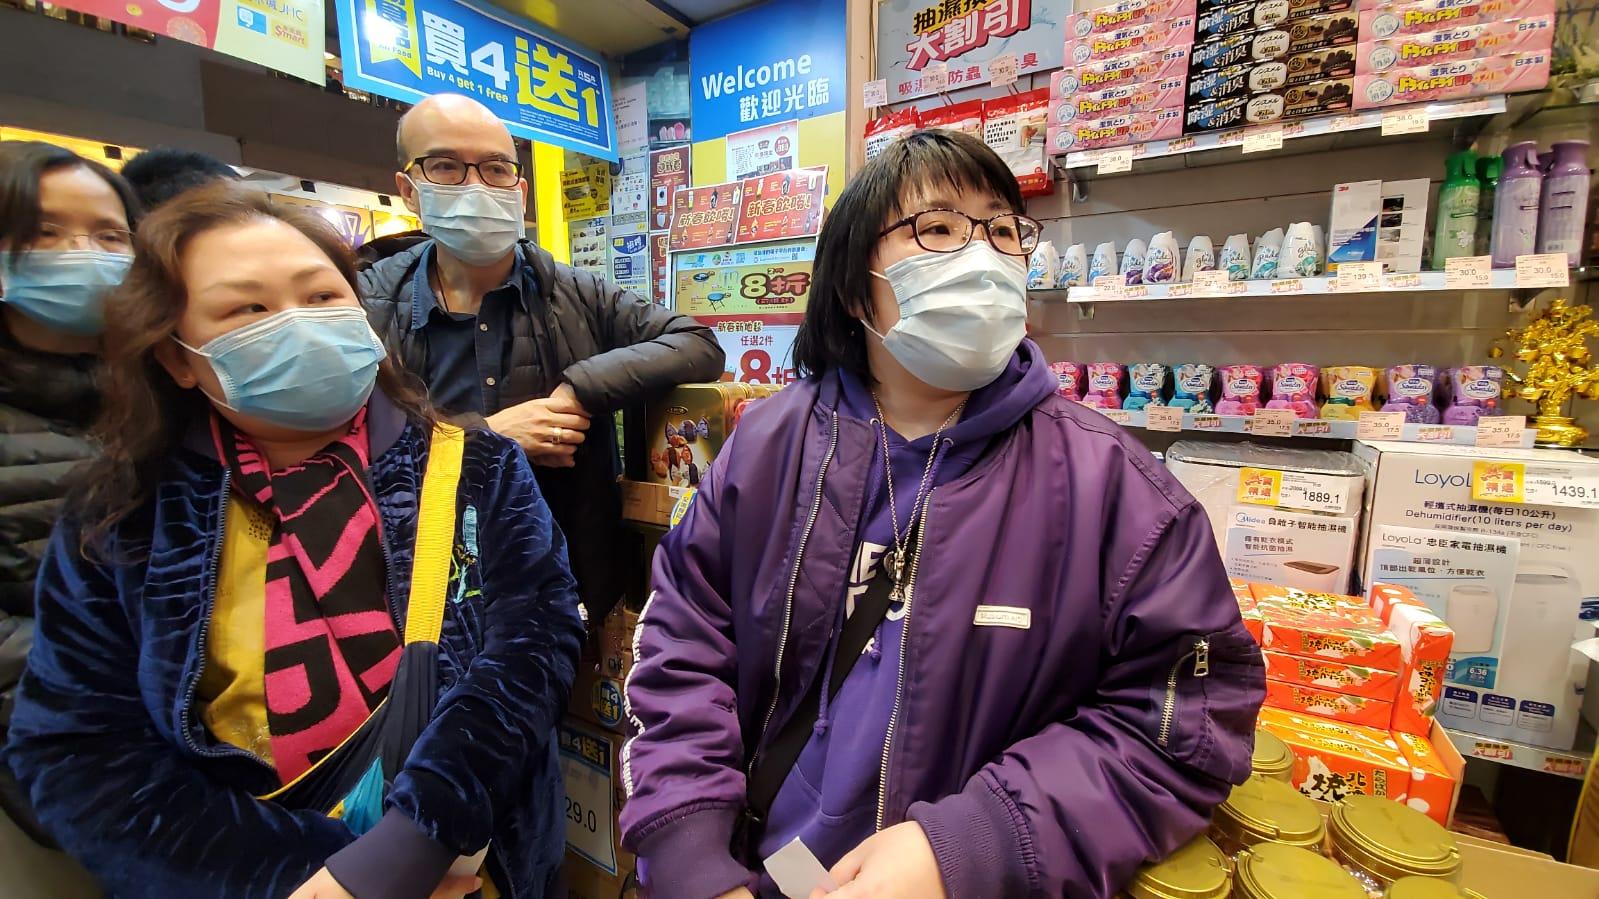 【新冠肺炎】日本城买口罩大排长龙 油麻地分店500筹已派清